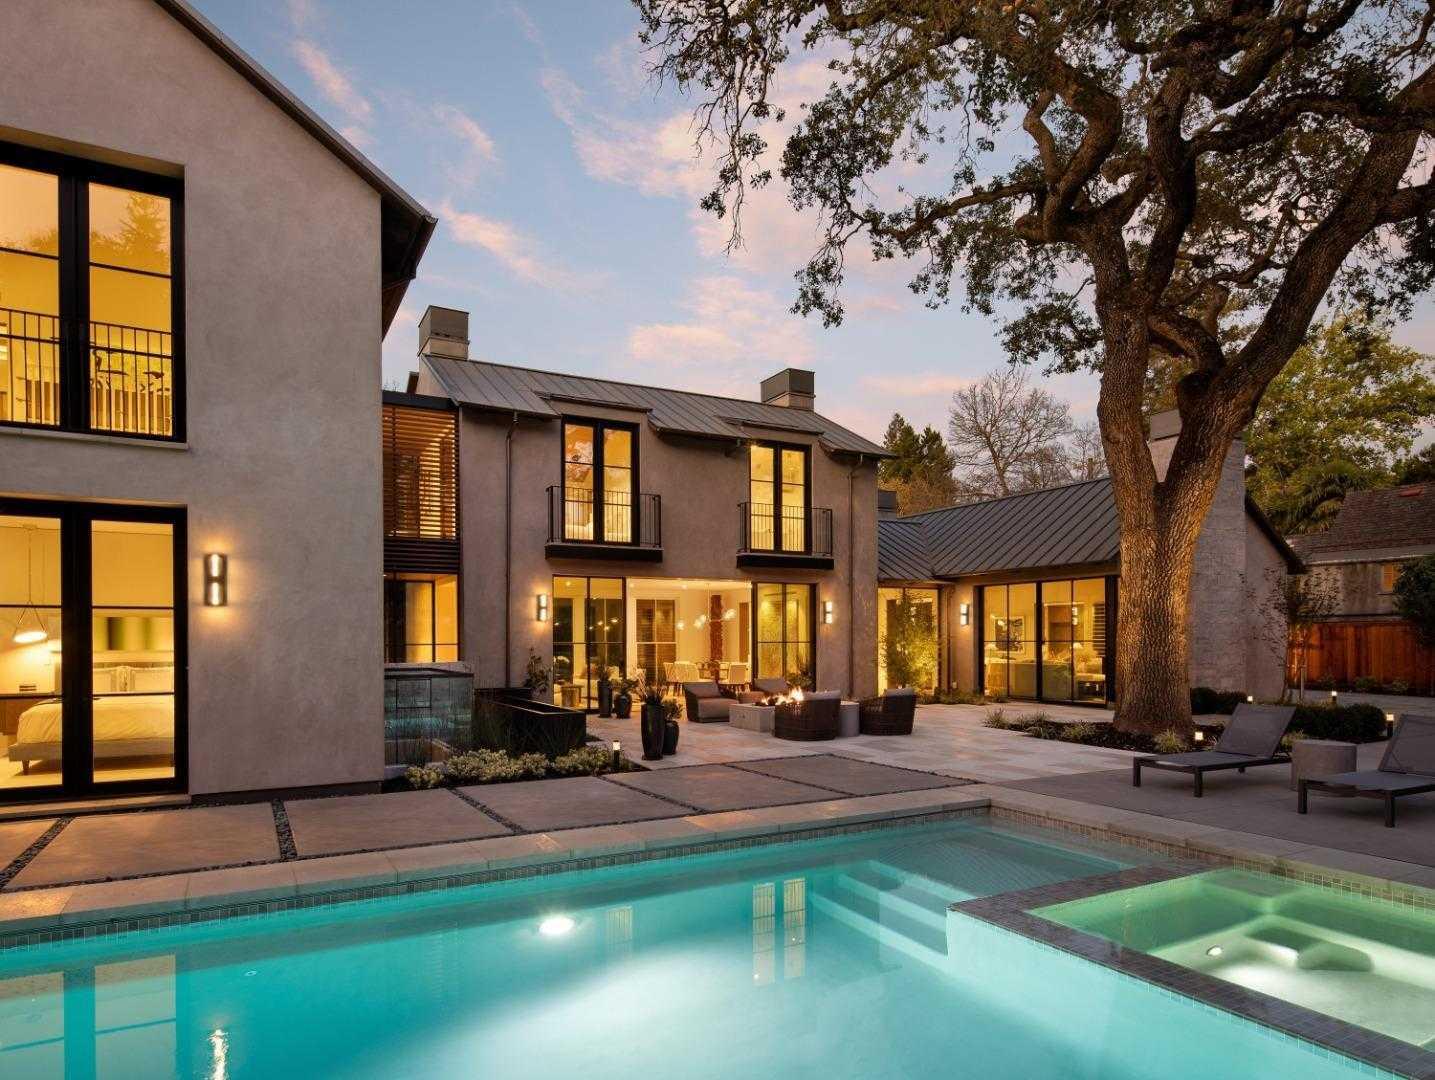 $22,995,000 - 5Br/8Ba -  for Sale in Palo Alto